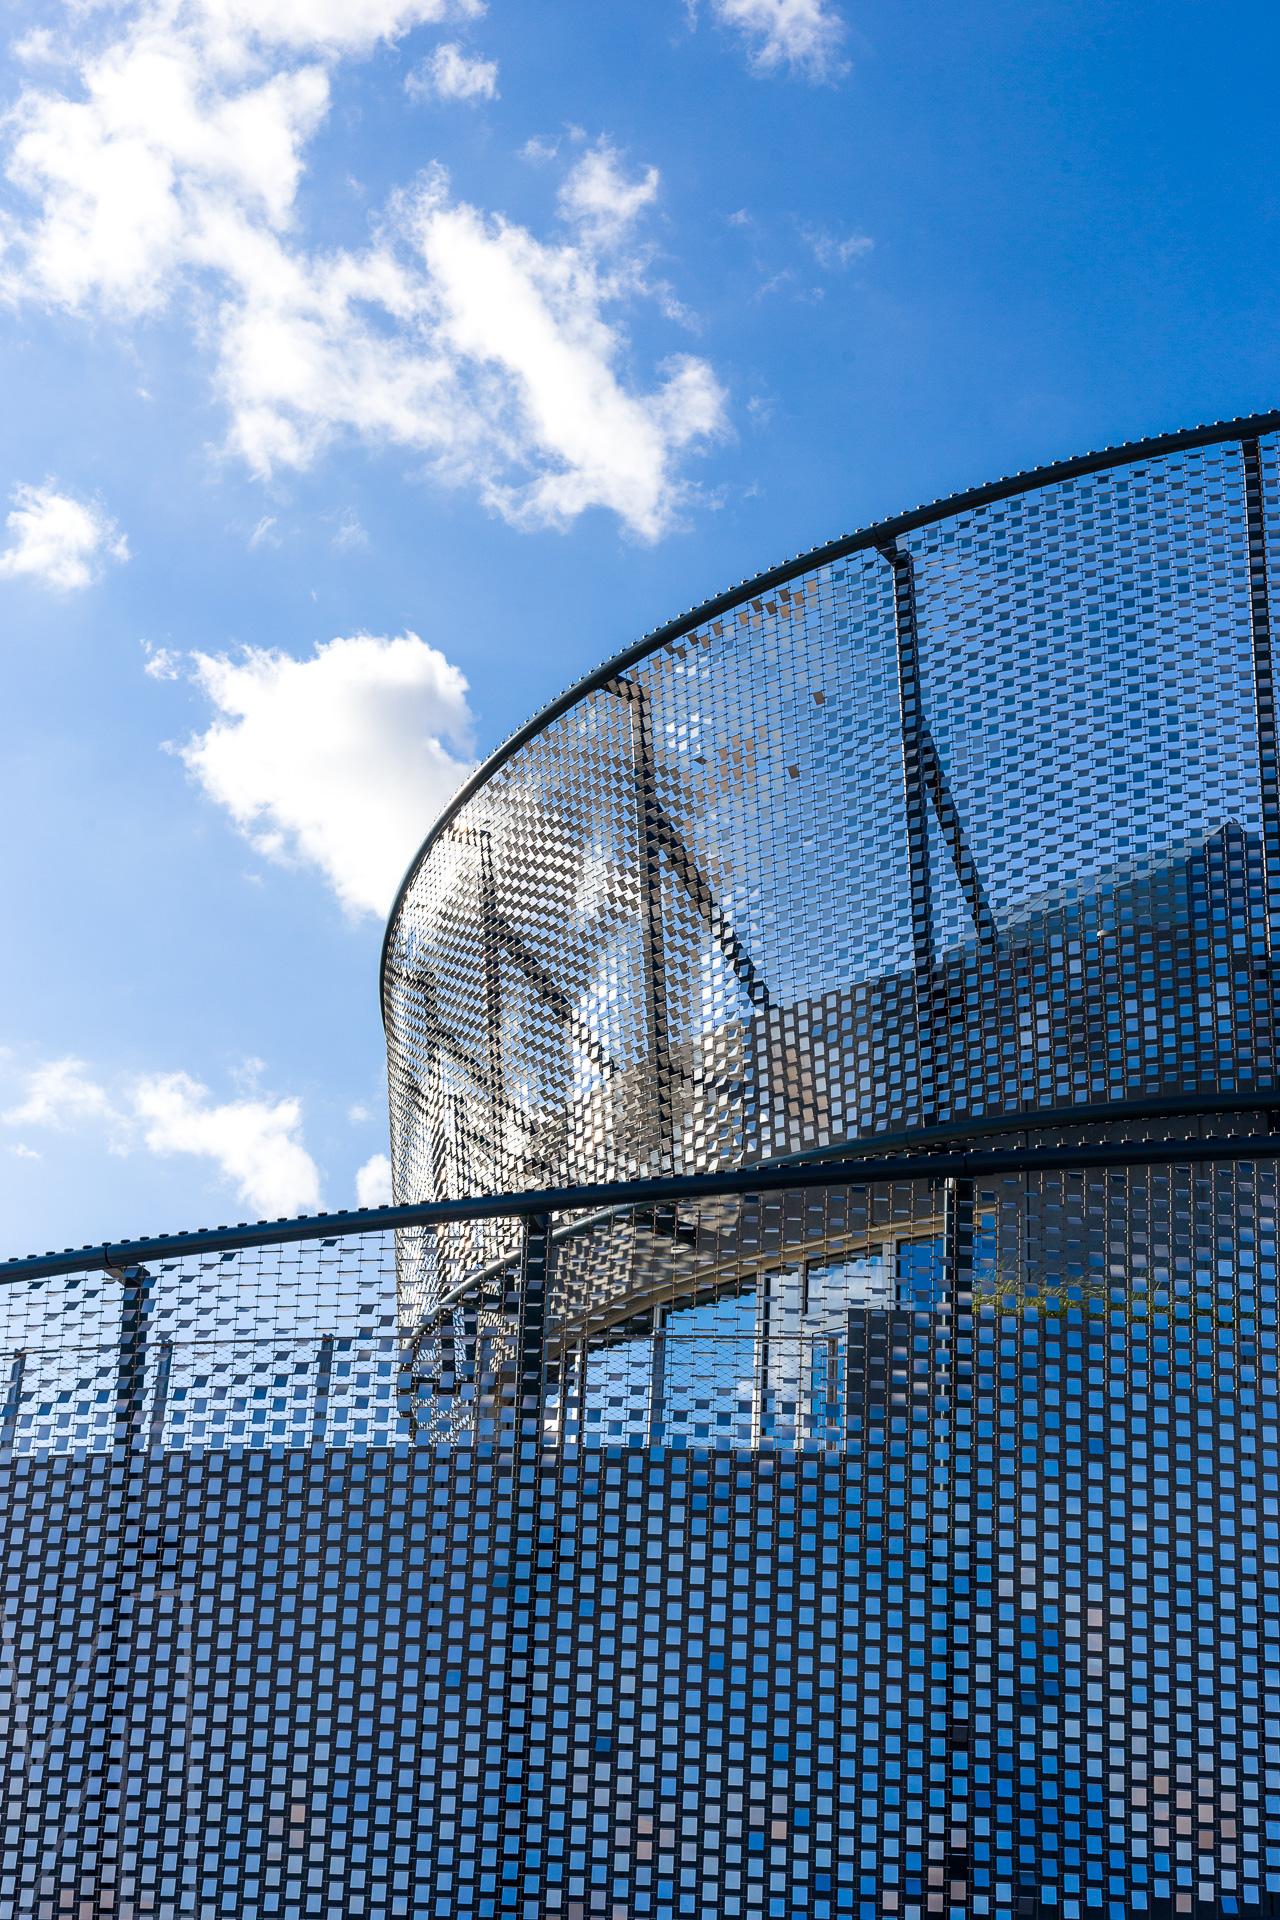 Shimmer Wall at the NYC Aquarium